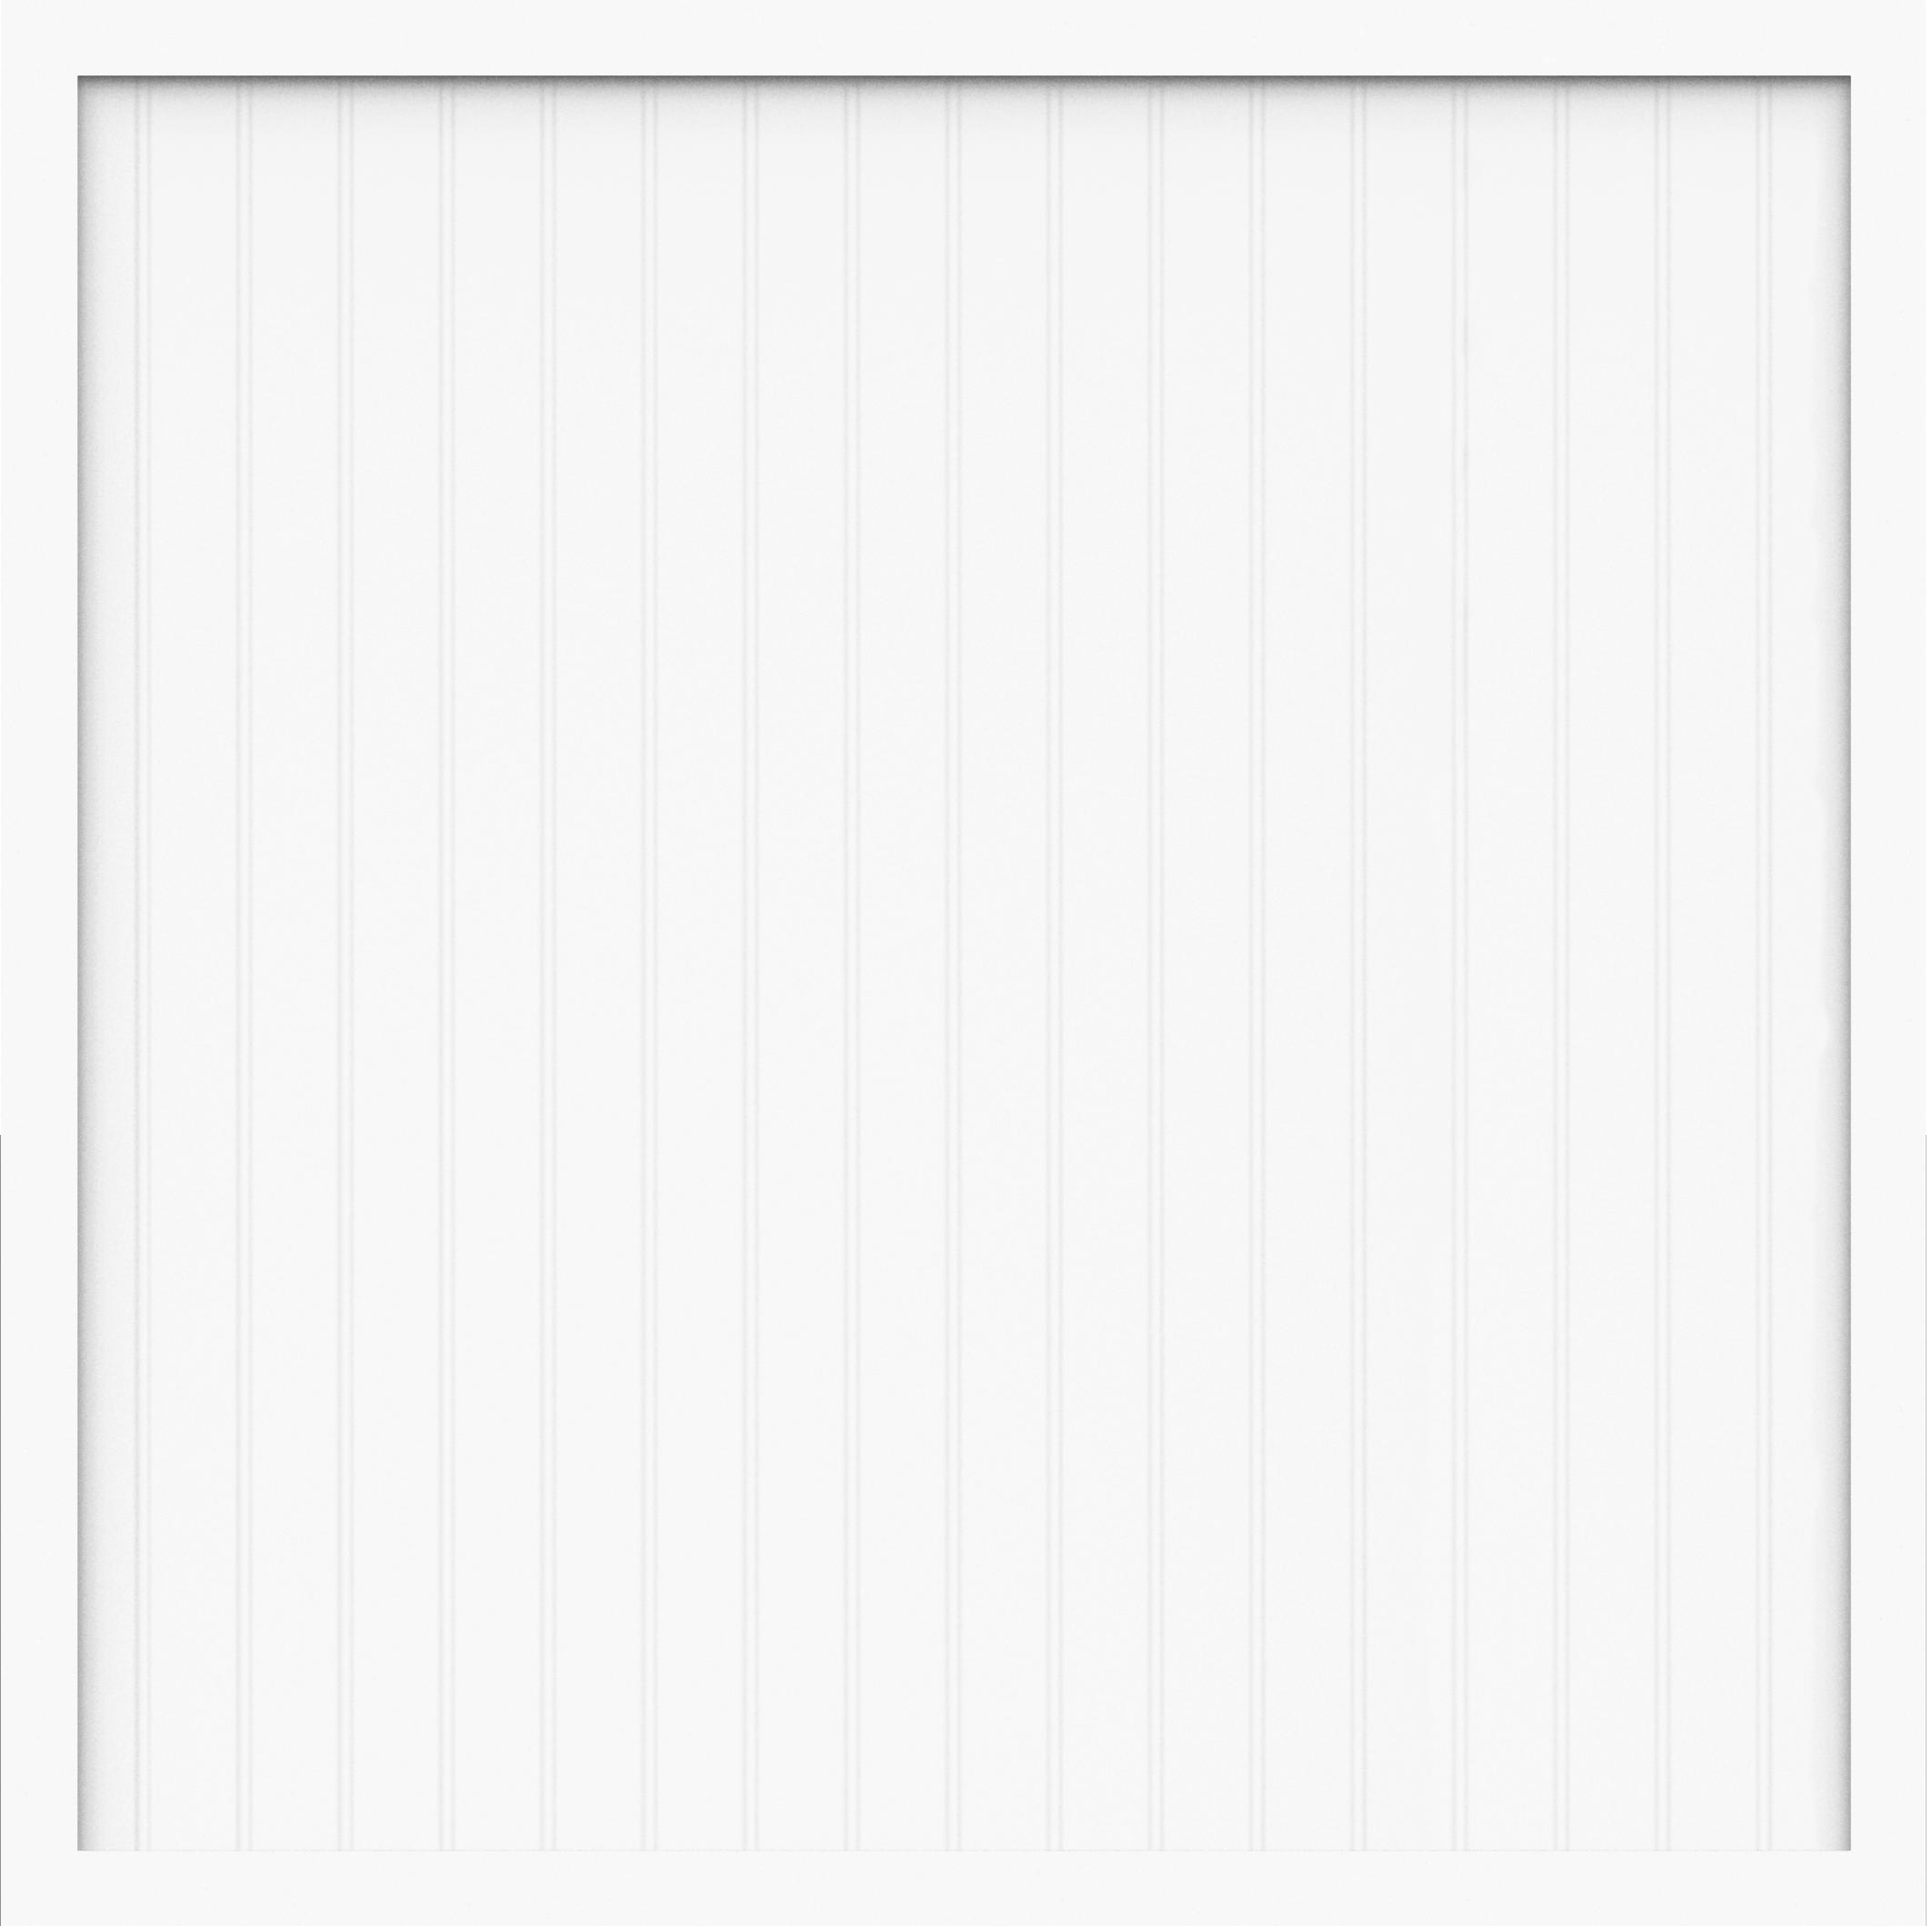 basicline sichtschutz typ a180 weiss 180x180 cm windschutz z une sichtschutzelemente im. Black Bedroom Furniture Sets. Home Design Ideas